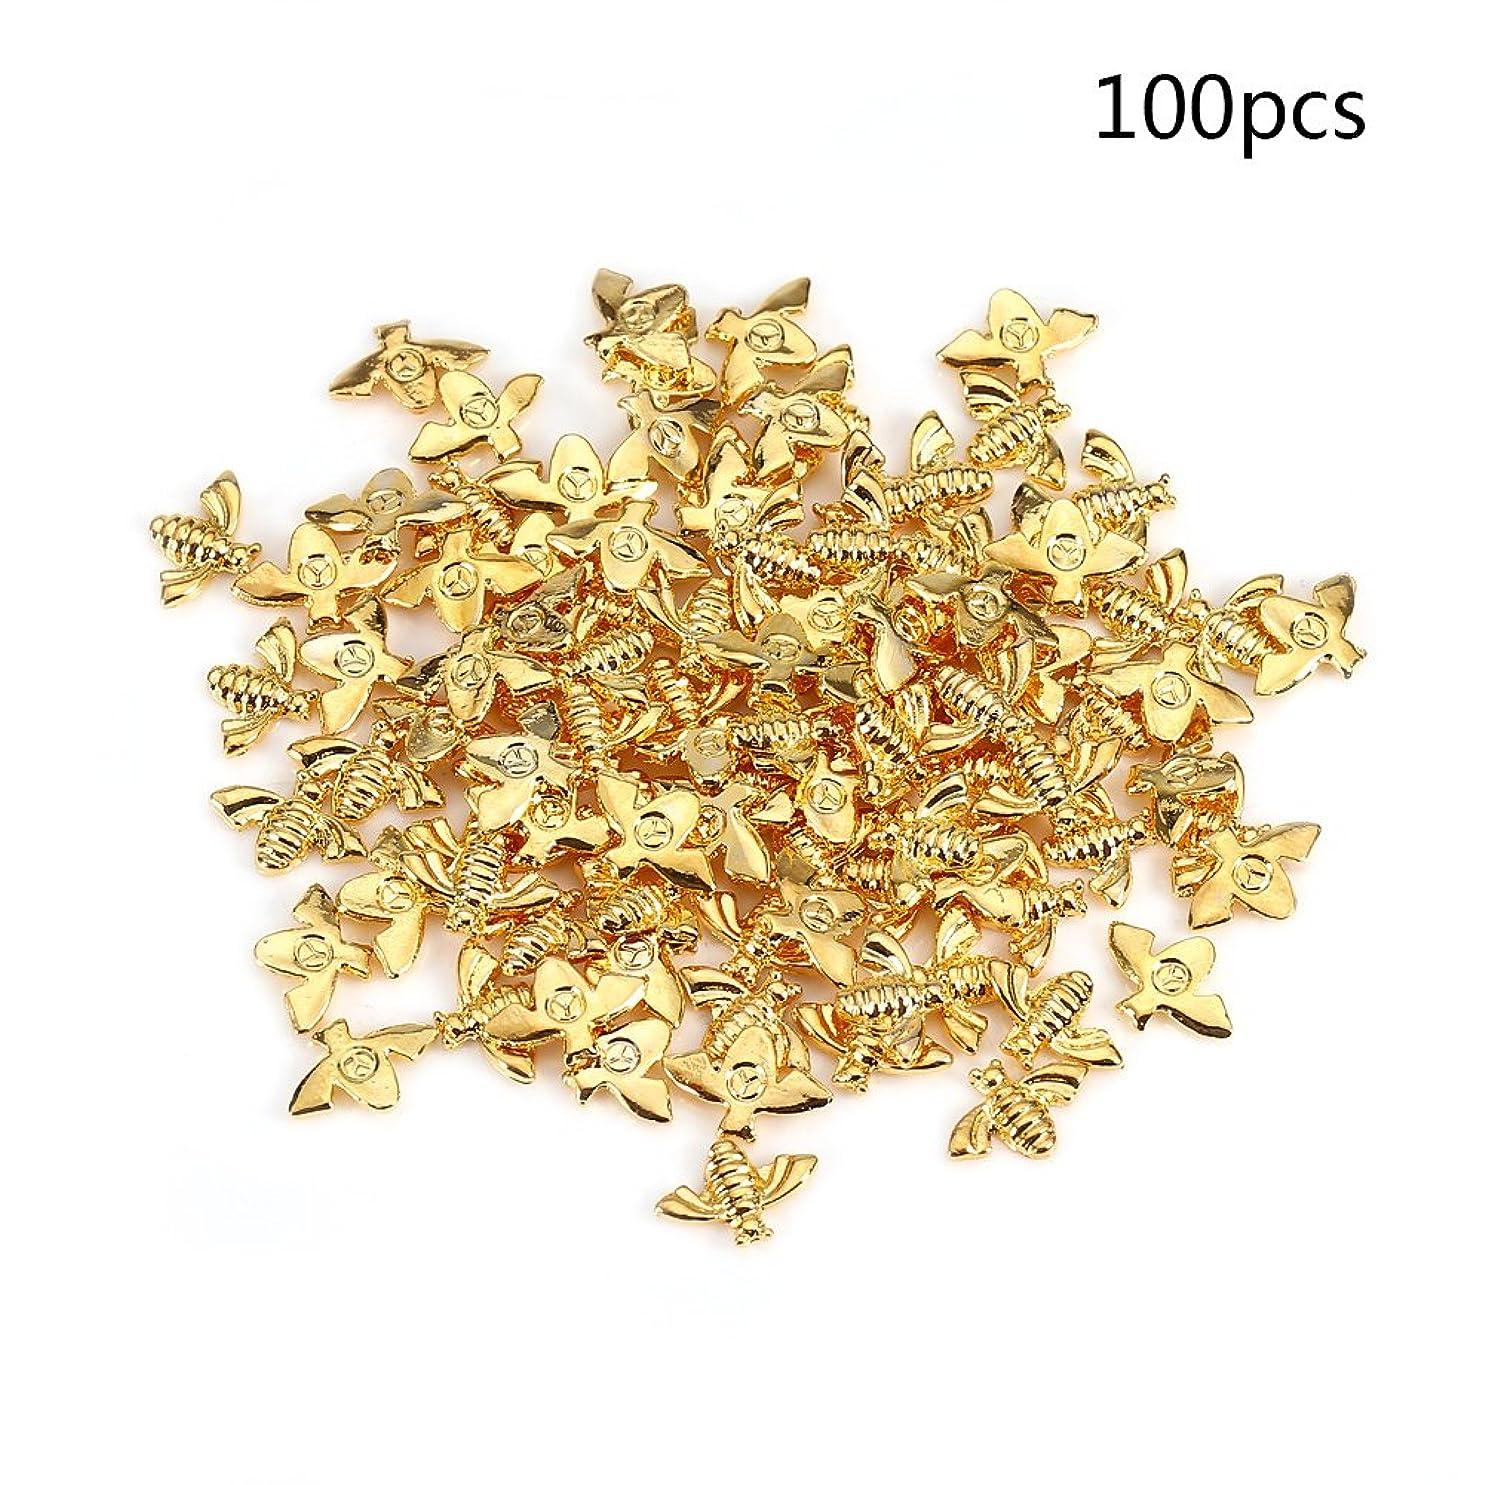 プラカード説教する三番2色100pcs / bag 金属蜂 3Dネイルデコレーション メタルスティック ゴールドシルバー装飾品( 金色(100颗))